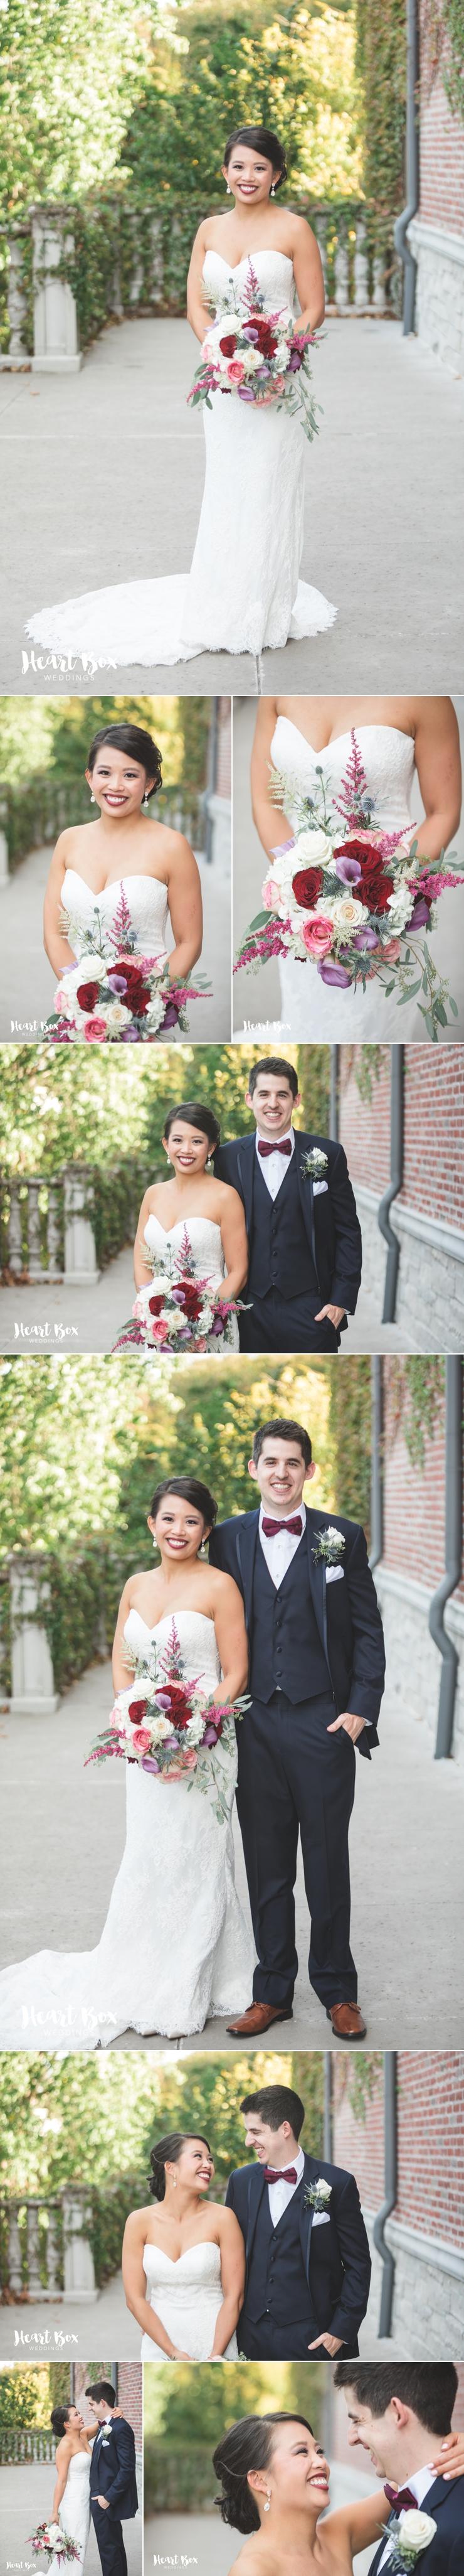 Garcia Wedding 8.jpg